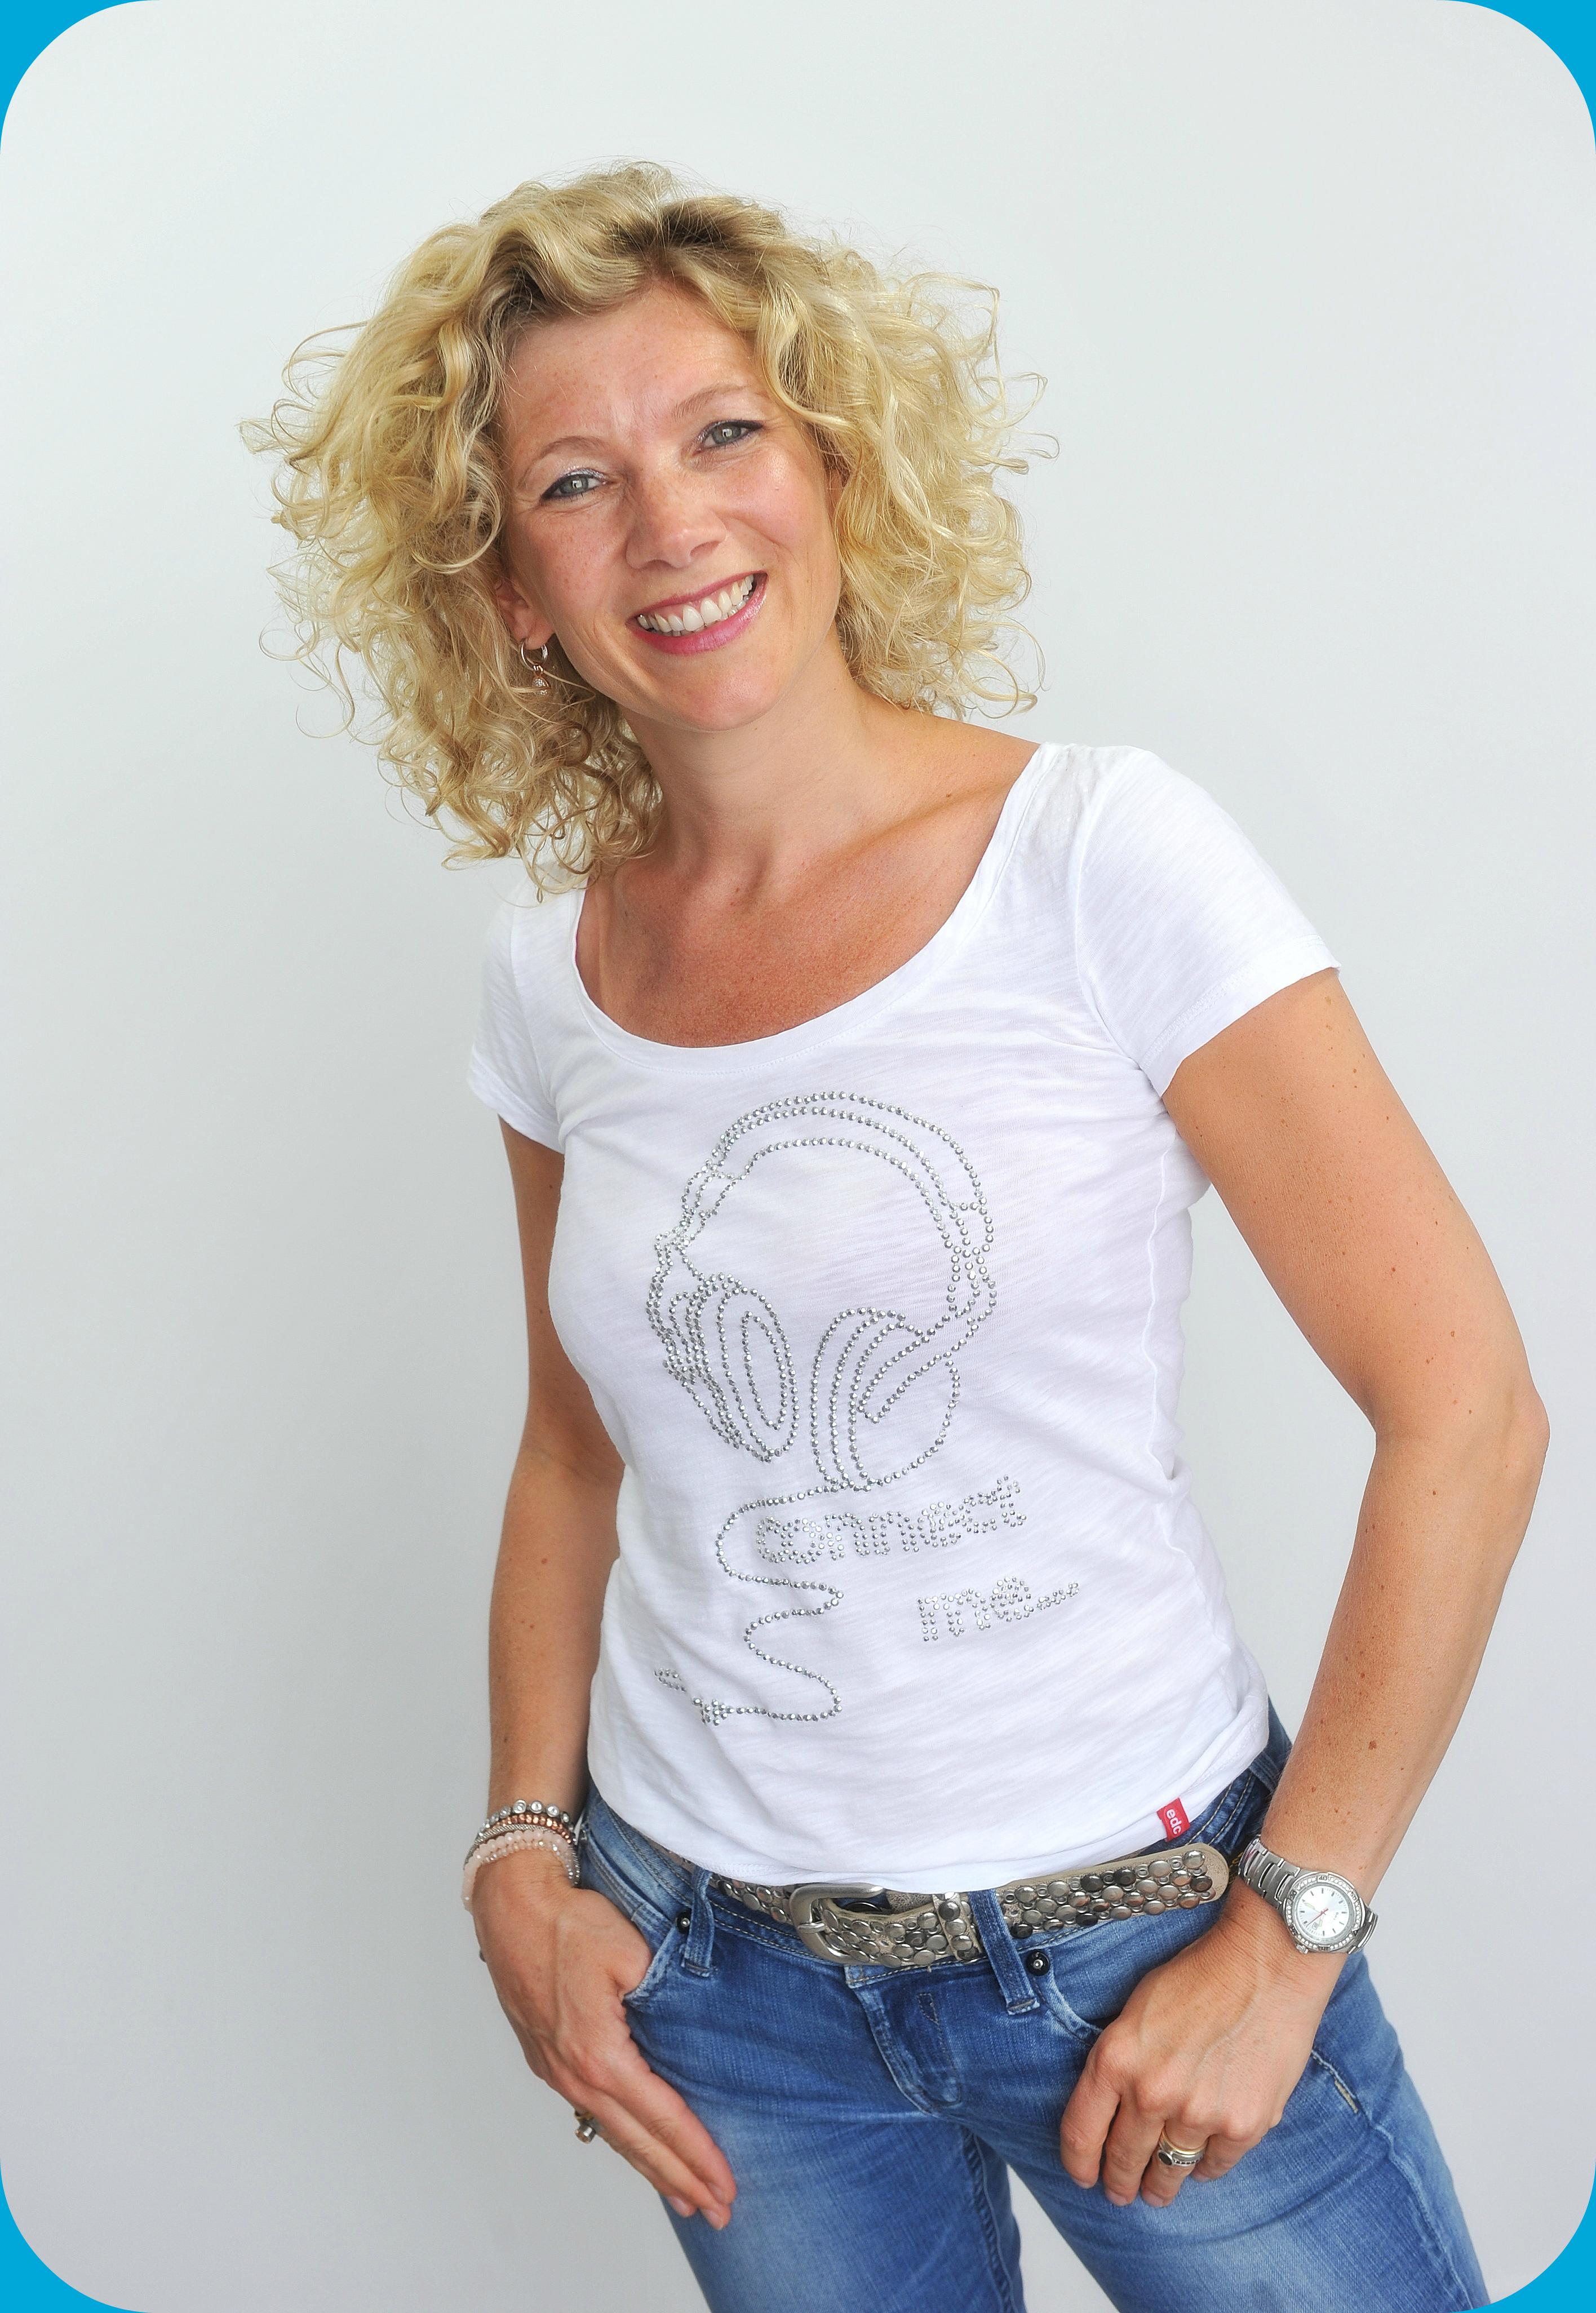 Marjon Gaikhorst, coach en hypnotherapeut bij Compleet met hypnose